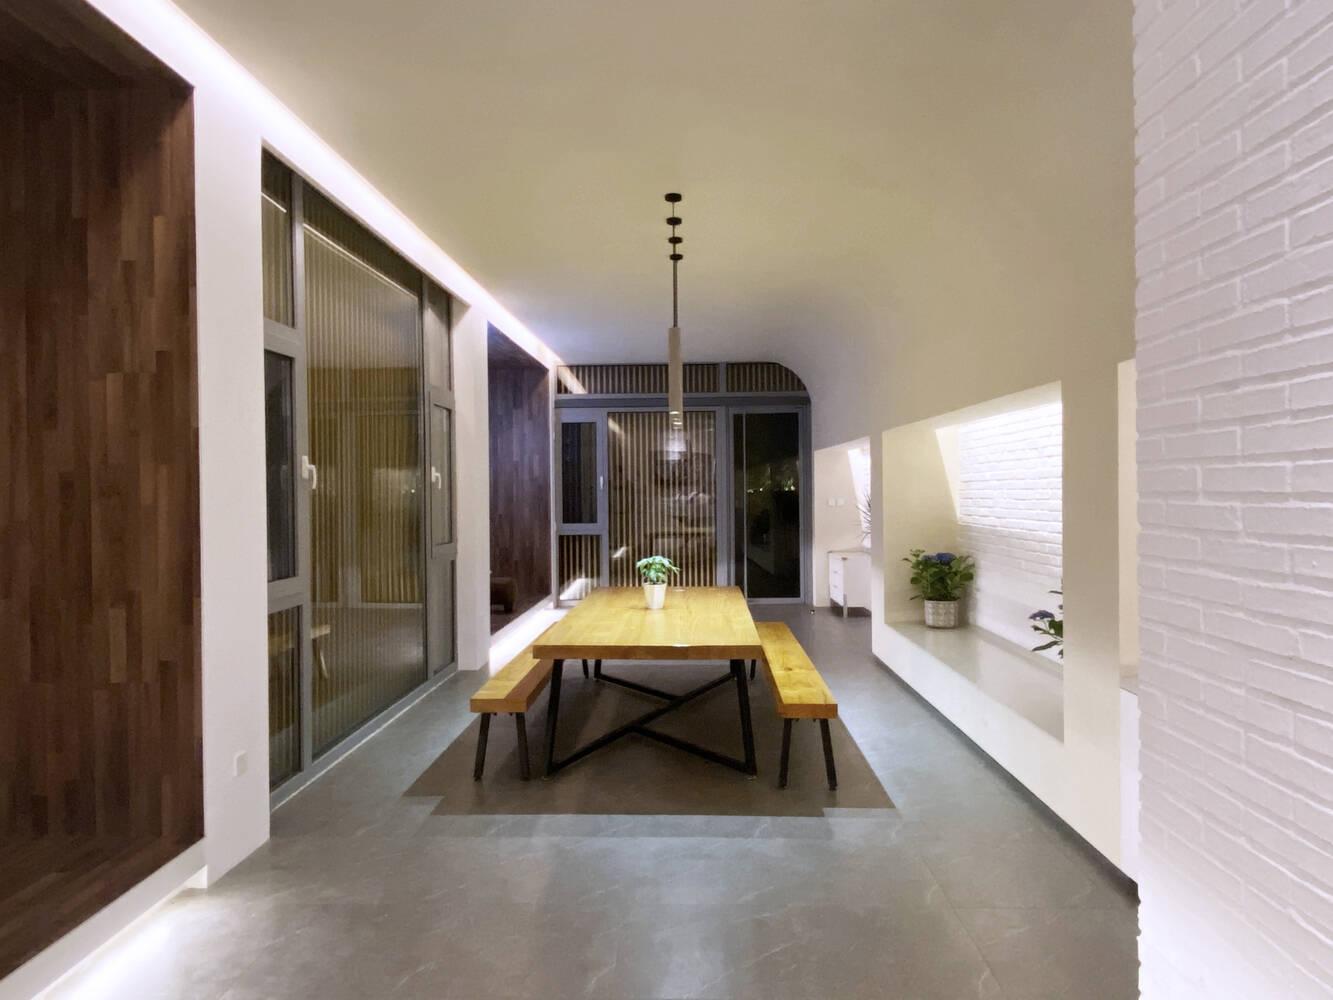 Đèn treo thả không chỉ giúp độ cao trần như tăng lên mà còn tô điểm cho không gian thêm sang trọng